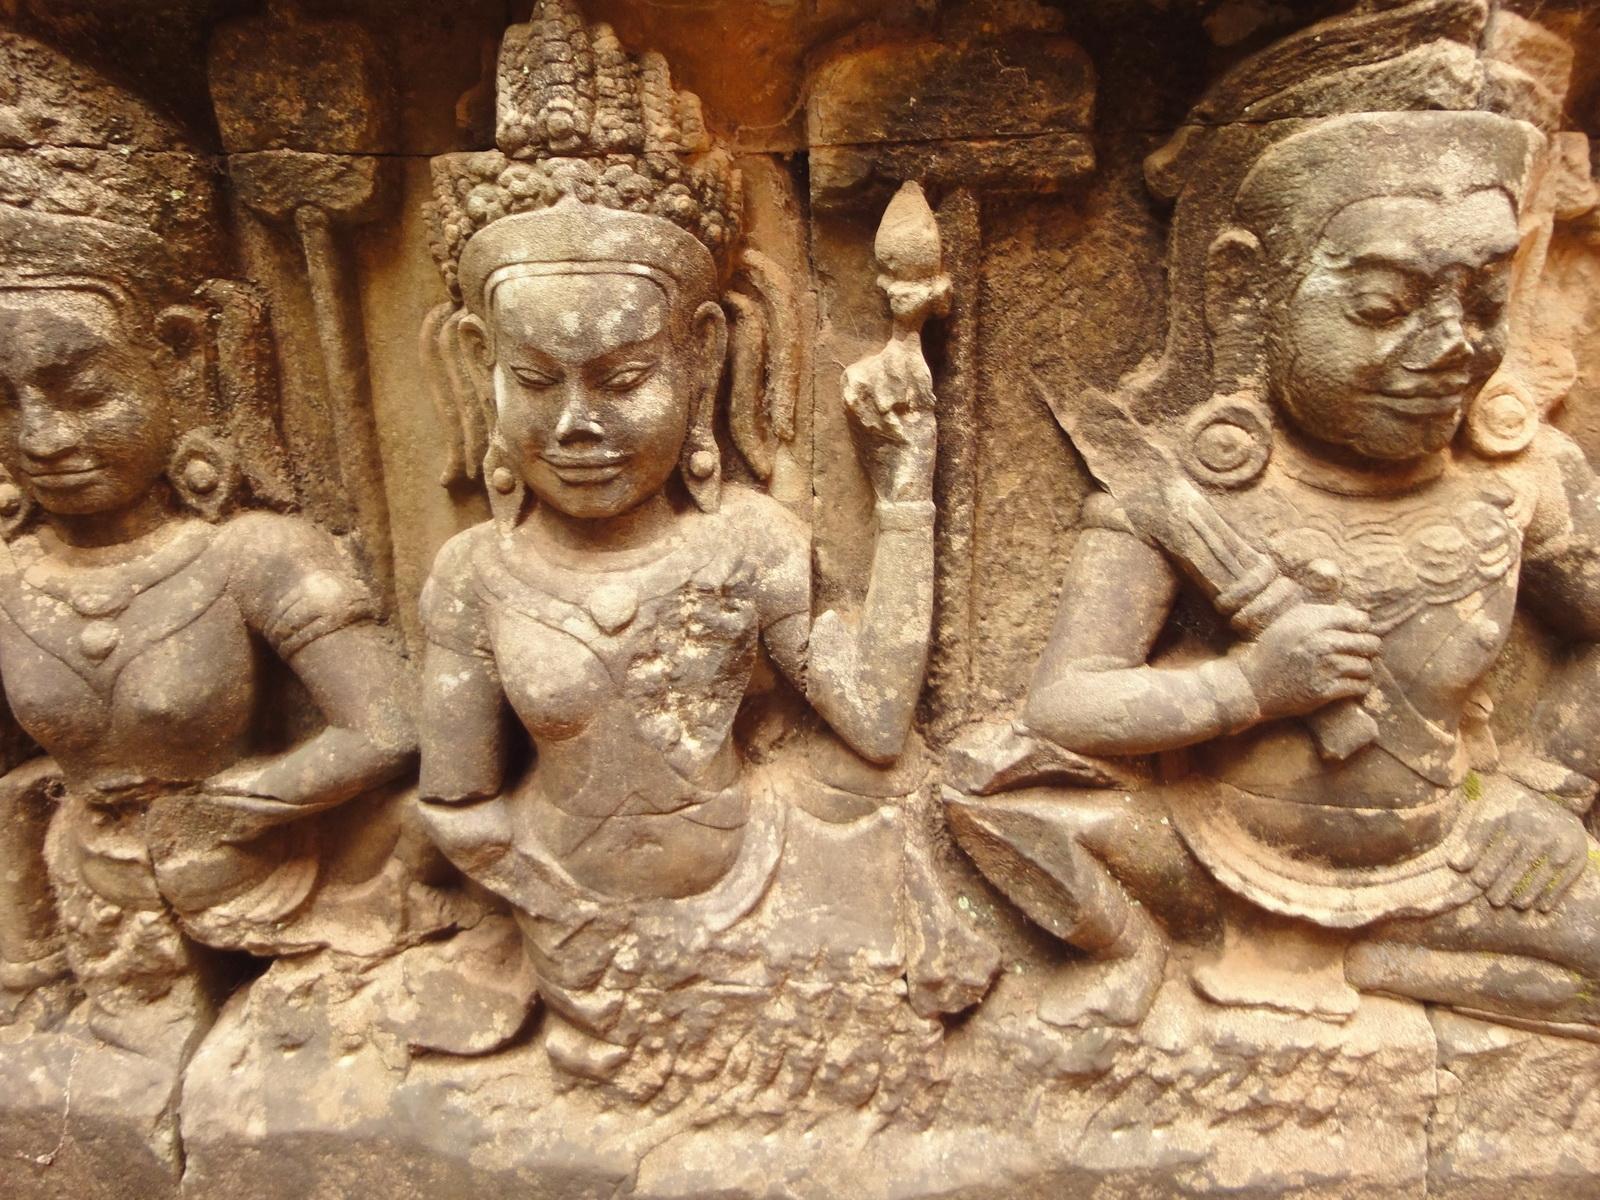 Leper King Terrace hidden wall underworld Nagas and deities 090